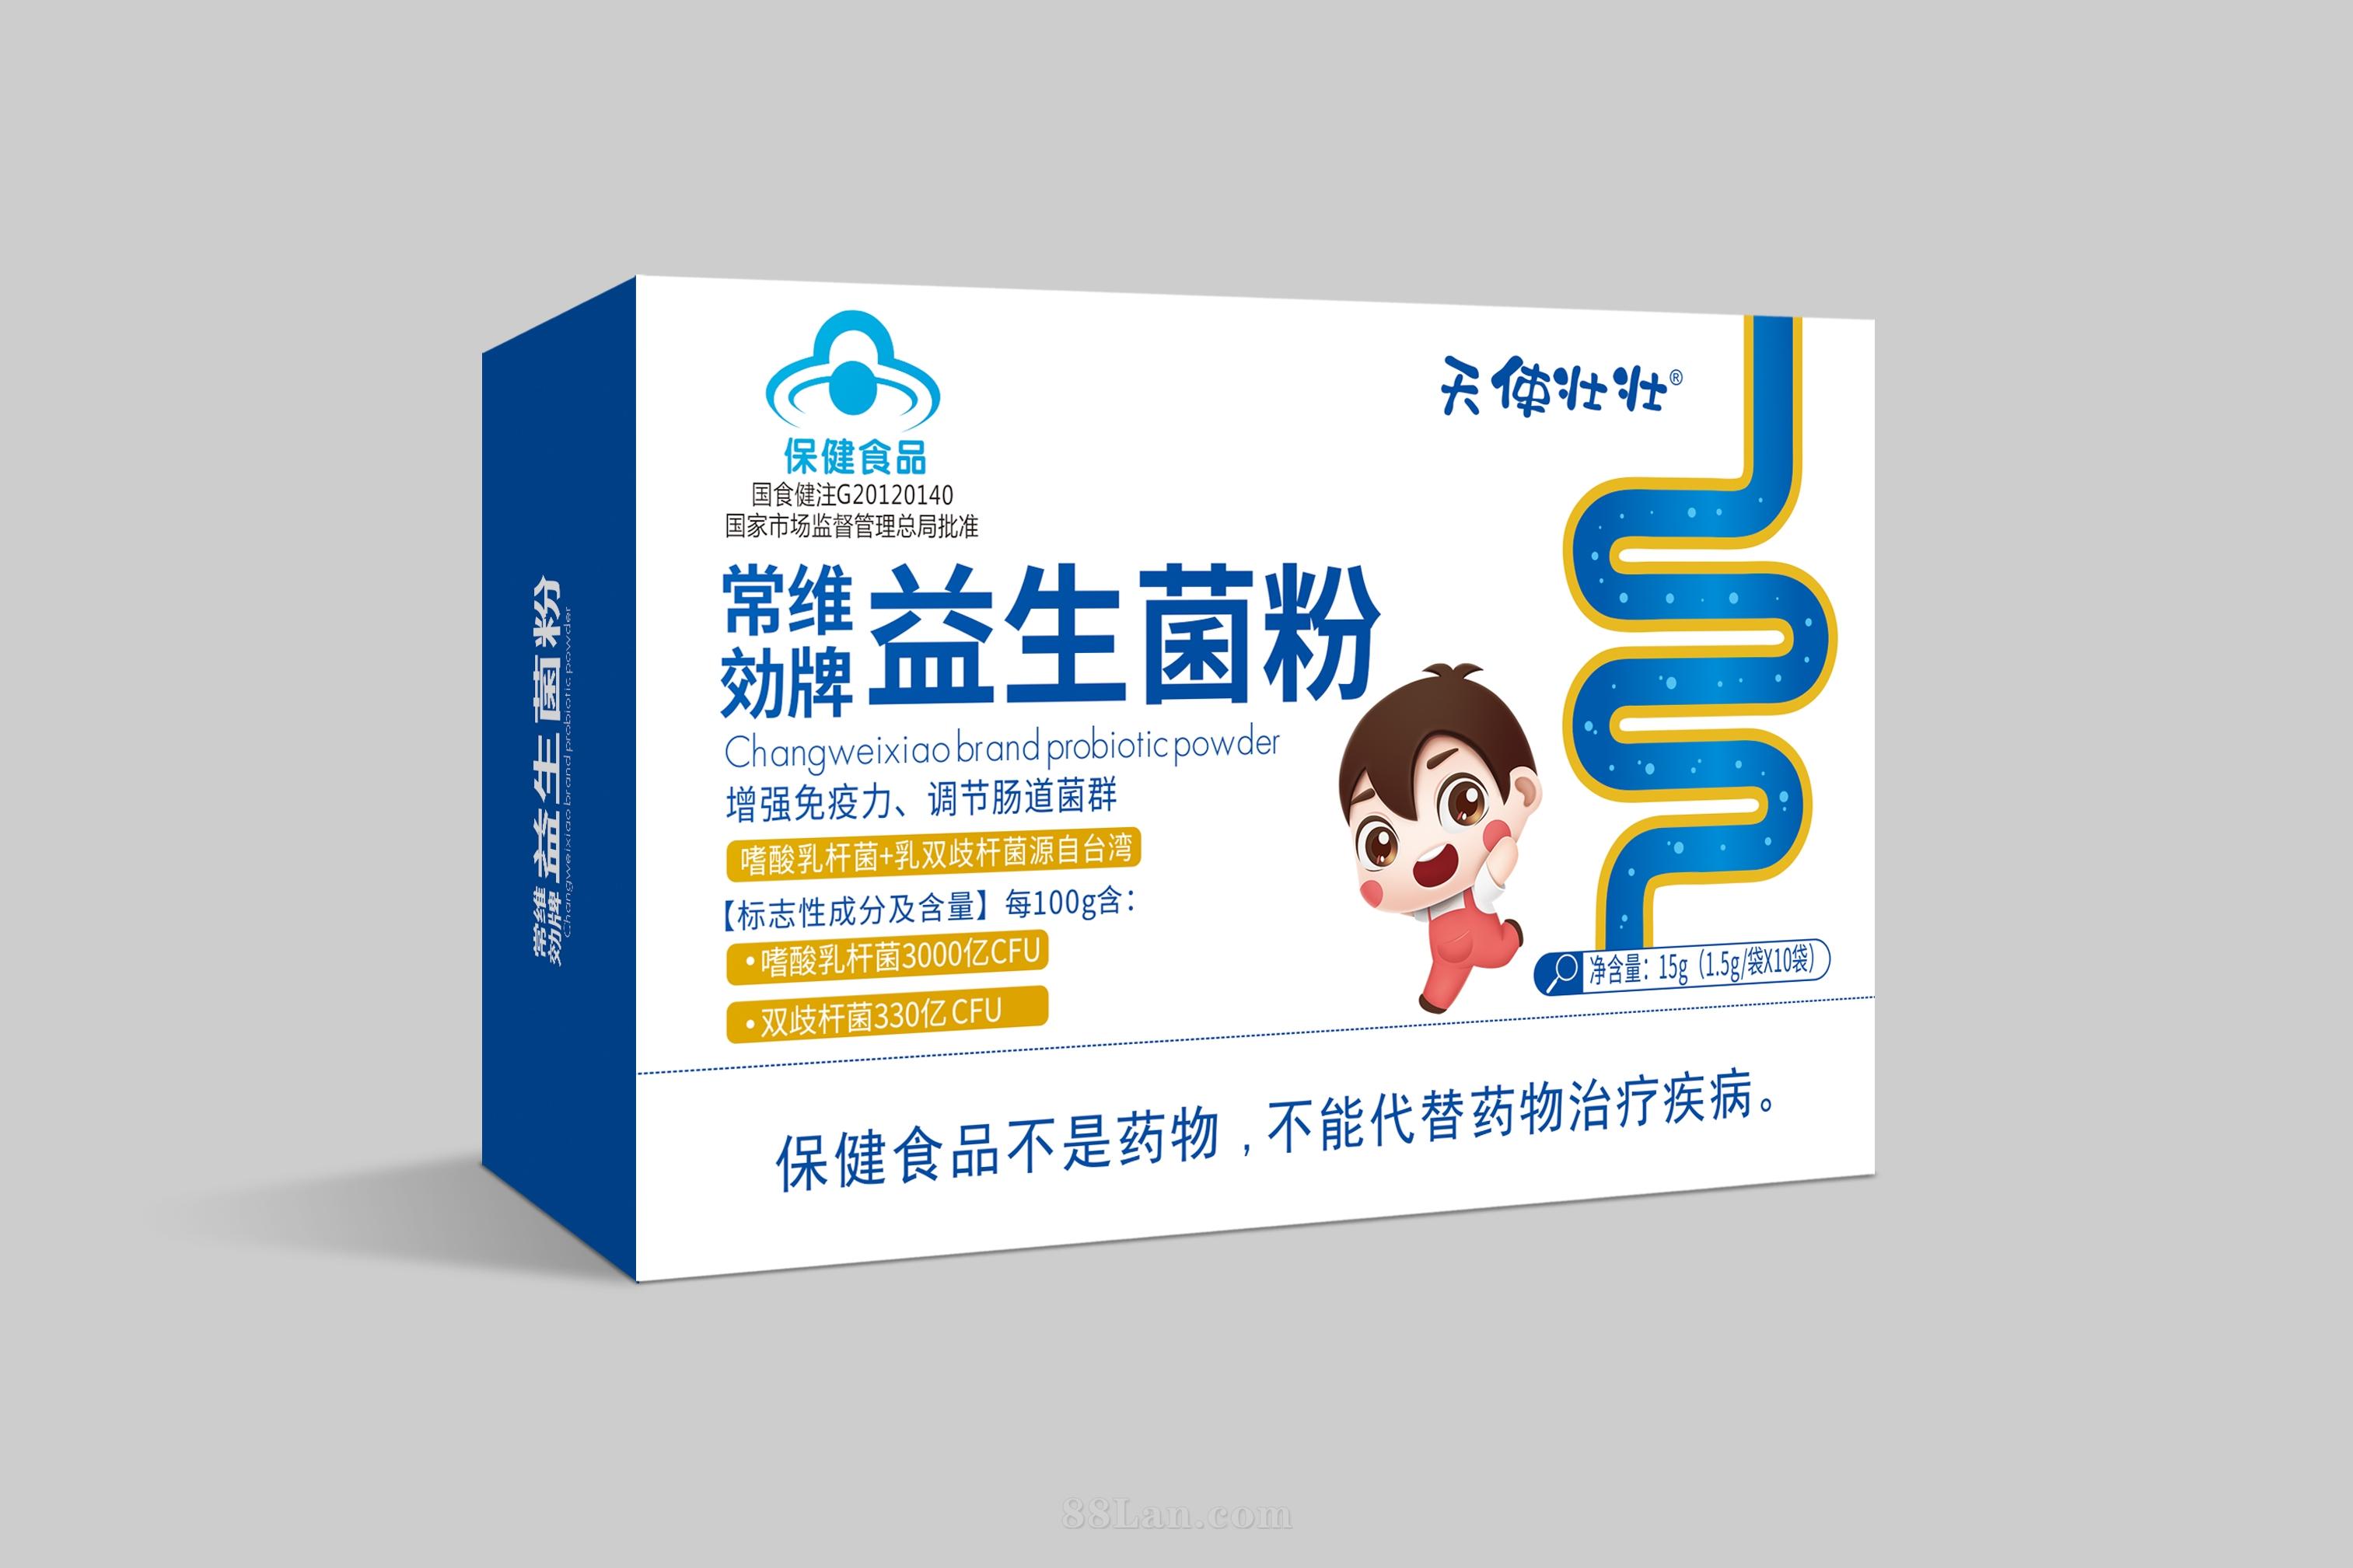 儿童益生菌——常维効牌益生菌粉